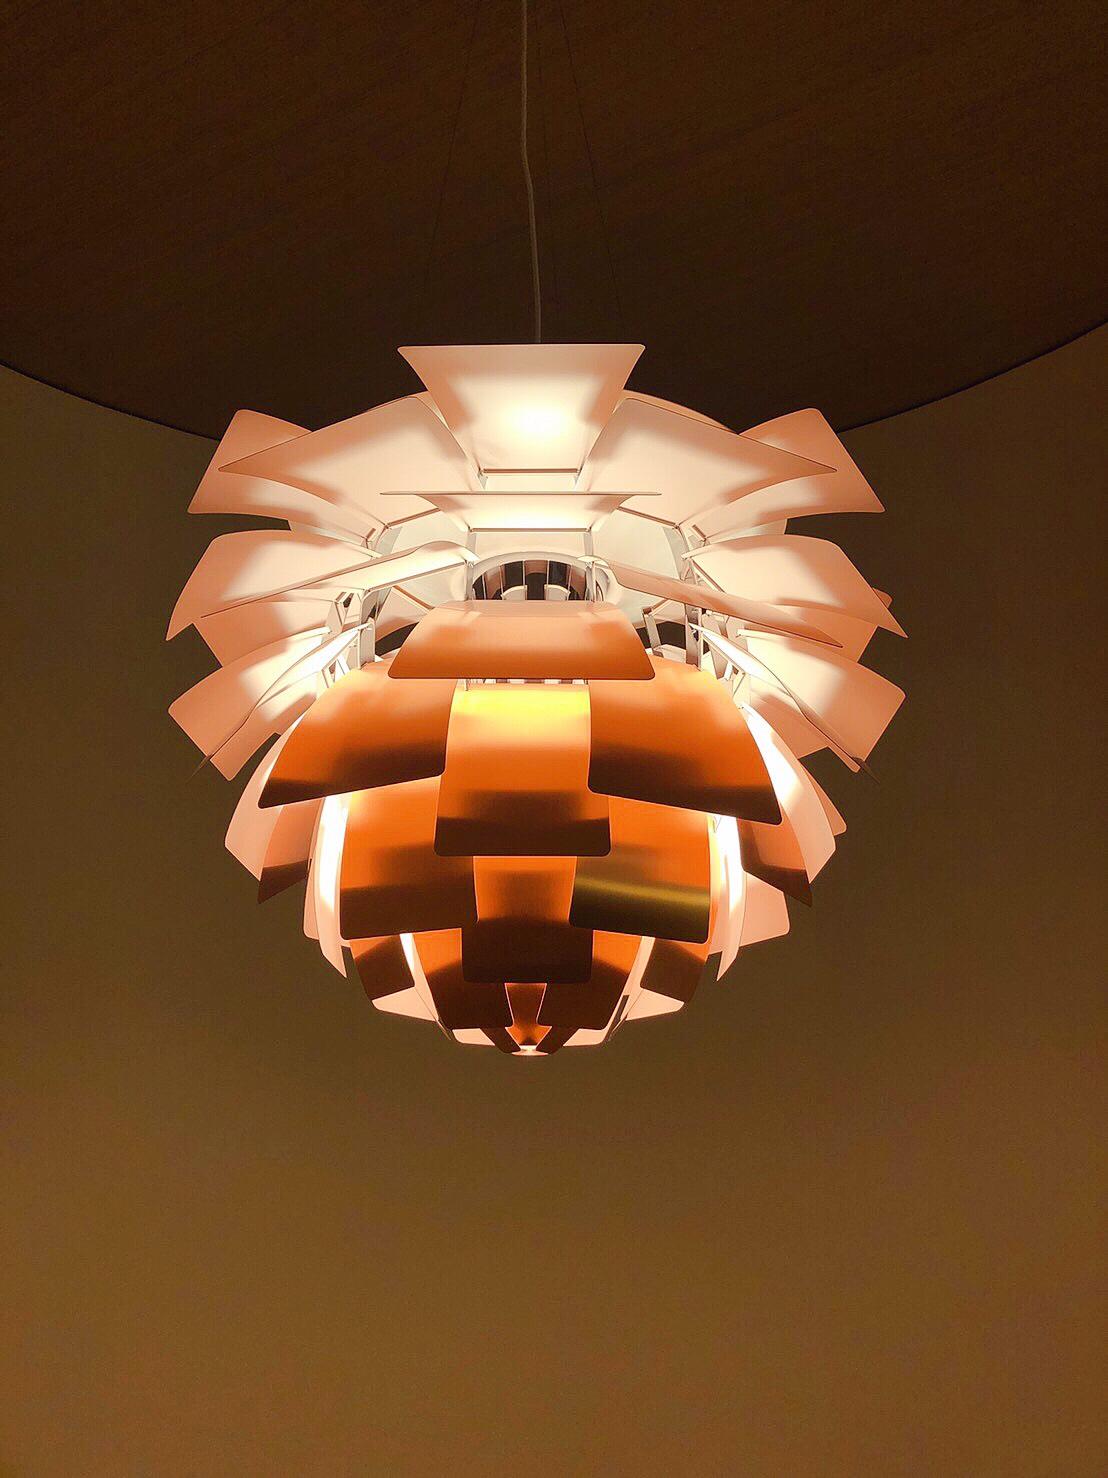 125 週年 PHARTICHOKE - 慶祝 Henningsen 誕辰 125 週年推出 PH Artichoke in Copper Rose 特仕版,相較以往不同的是此款連內層都帶有 Copper Rose 色彩,不僅是提供了外觀上的一致色調,同時也為空間帶來了溫潤舒適的光源。